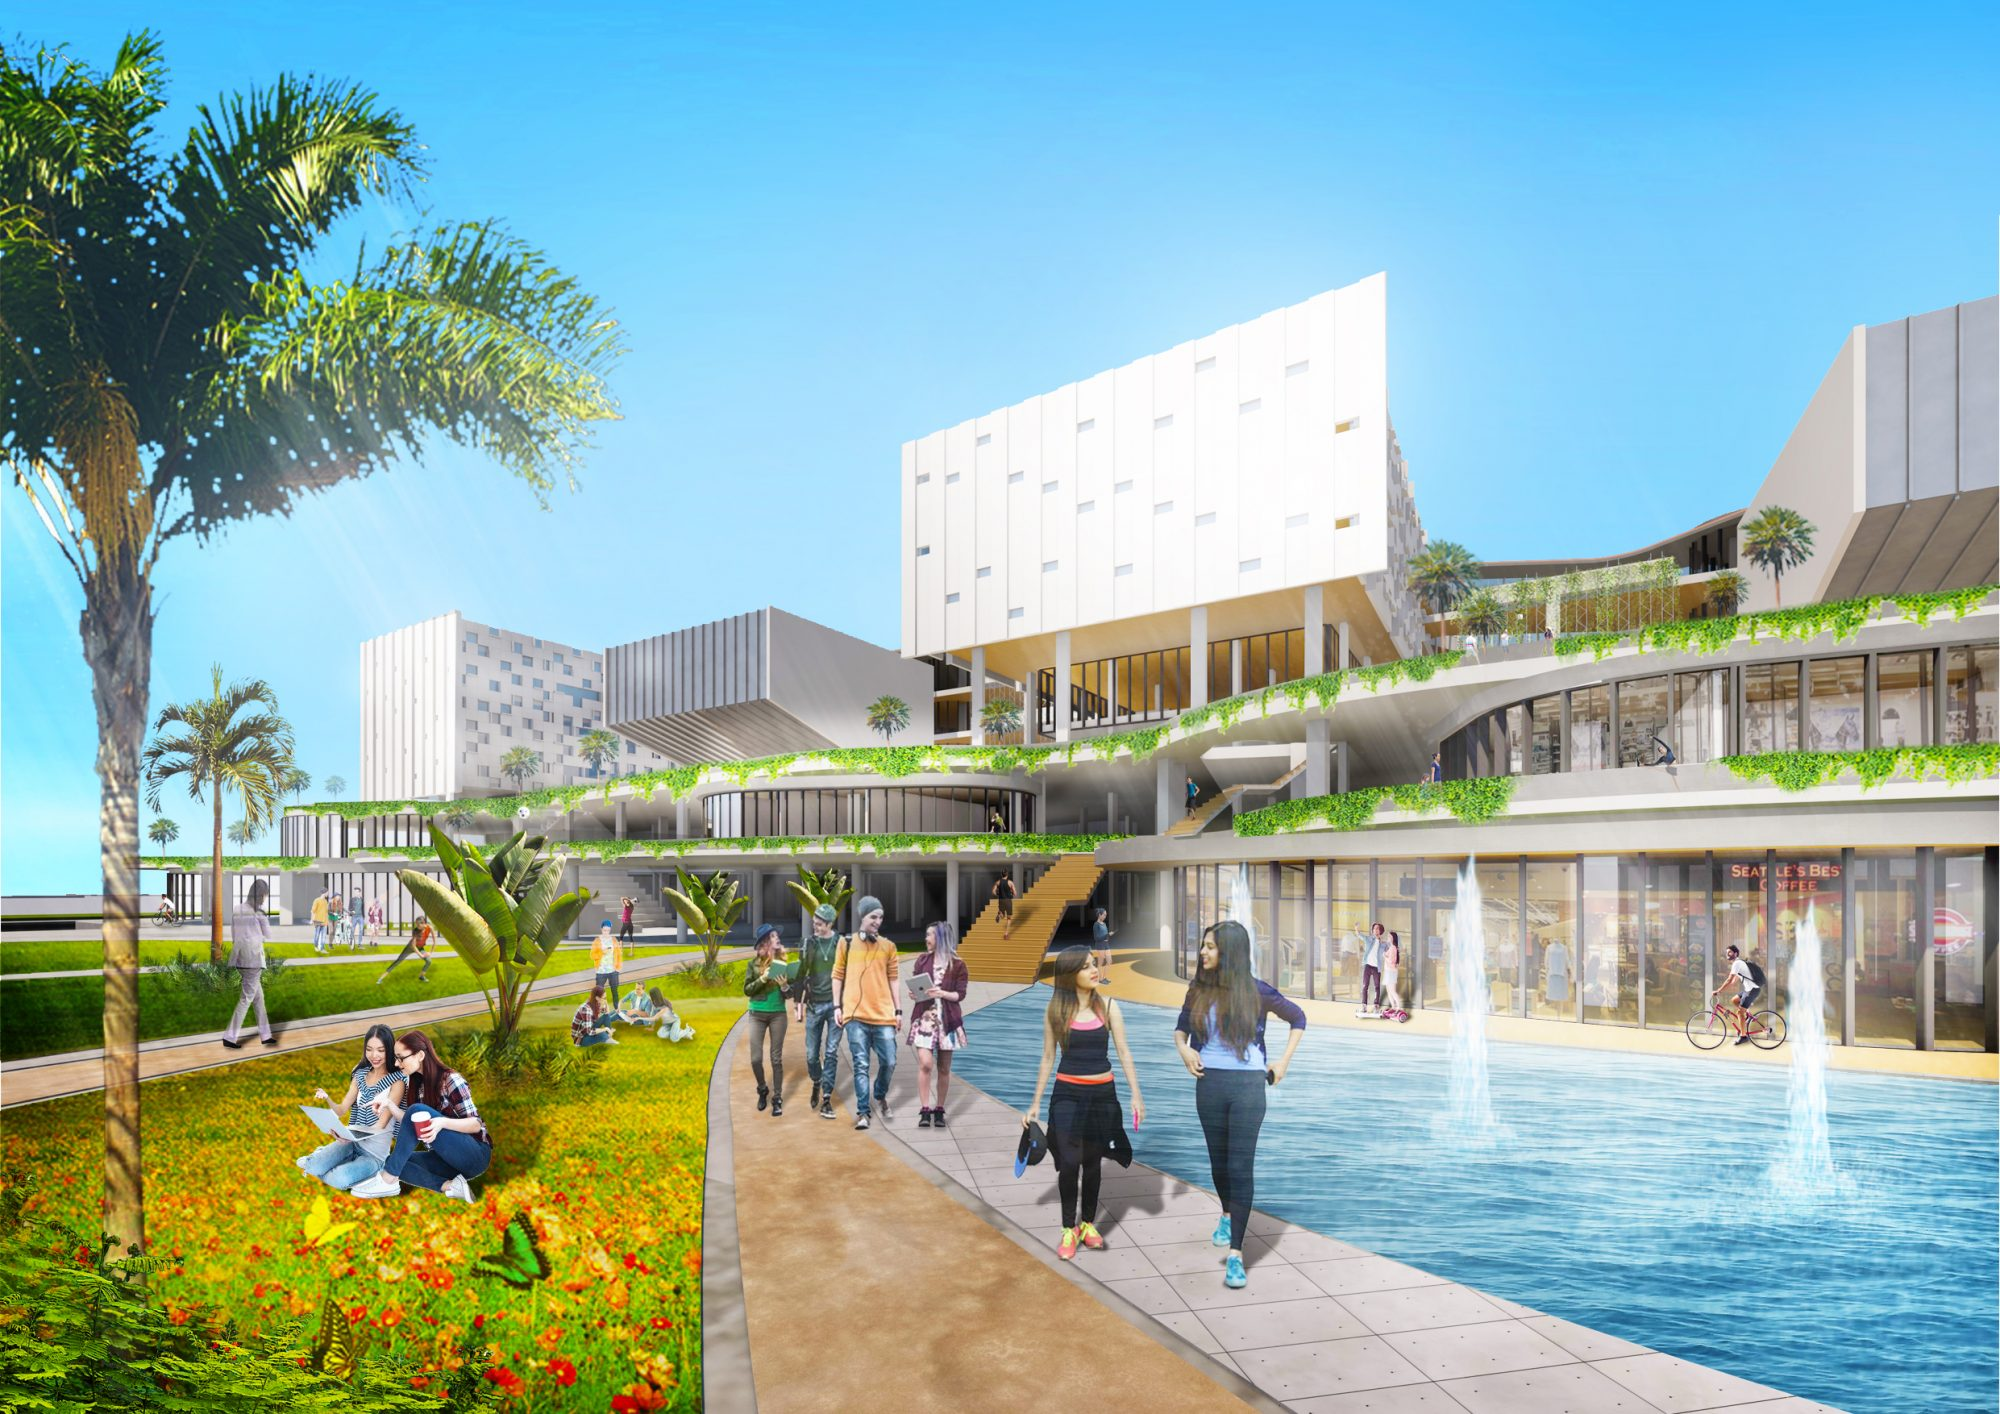 CENTRE OF BANKING STUDIES, CAMBODIA PHNOM PENH